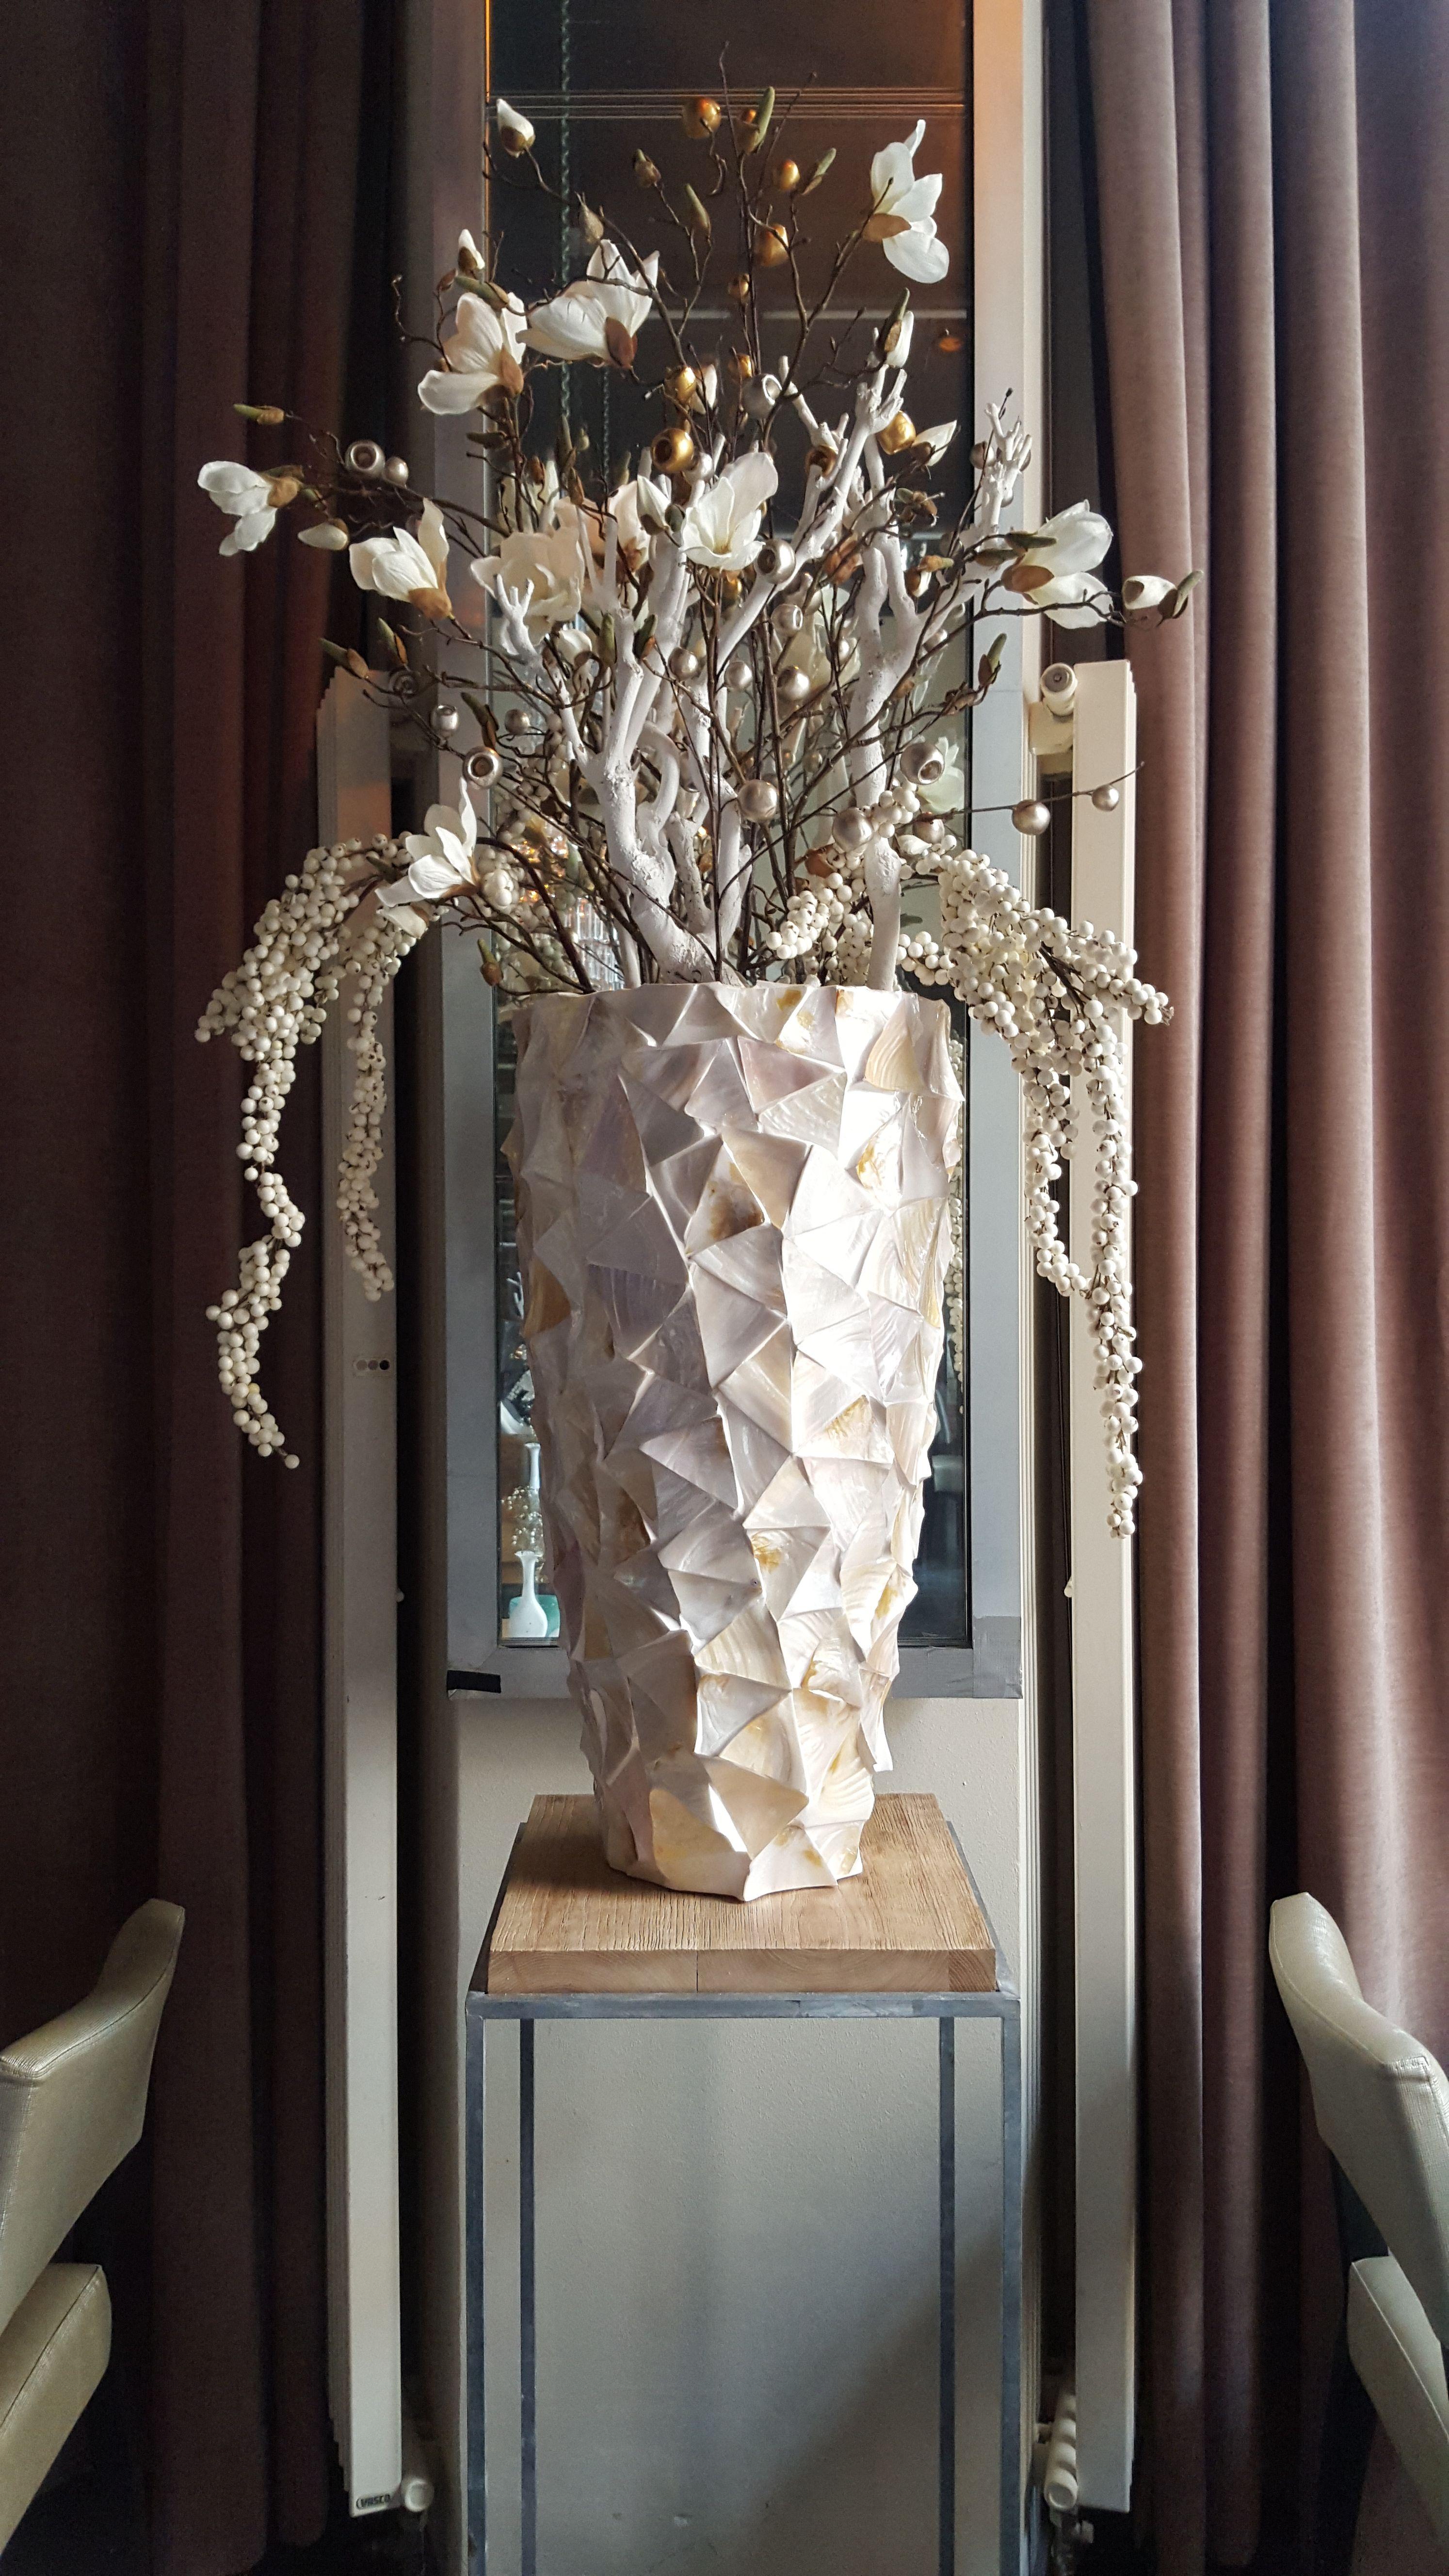 Ongekend Prachtige vaas van capiz. Opgemaakt met kunstbloemen en witte VE-61